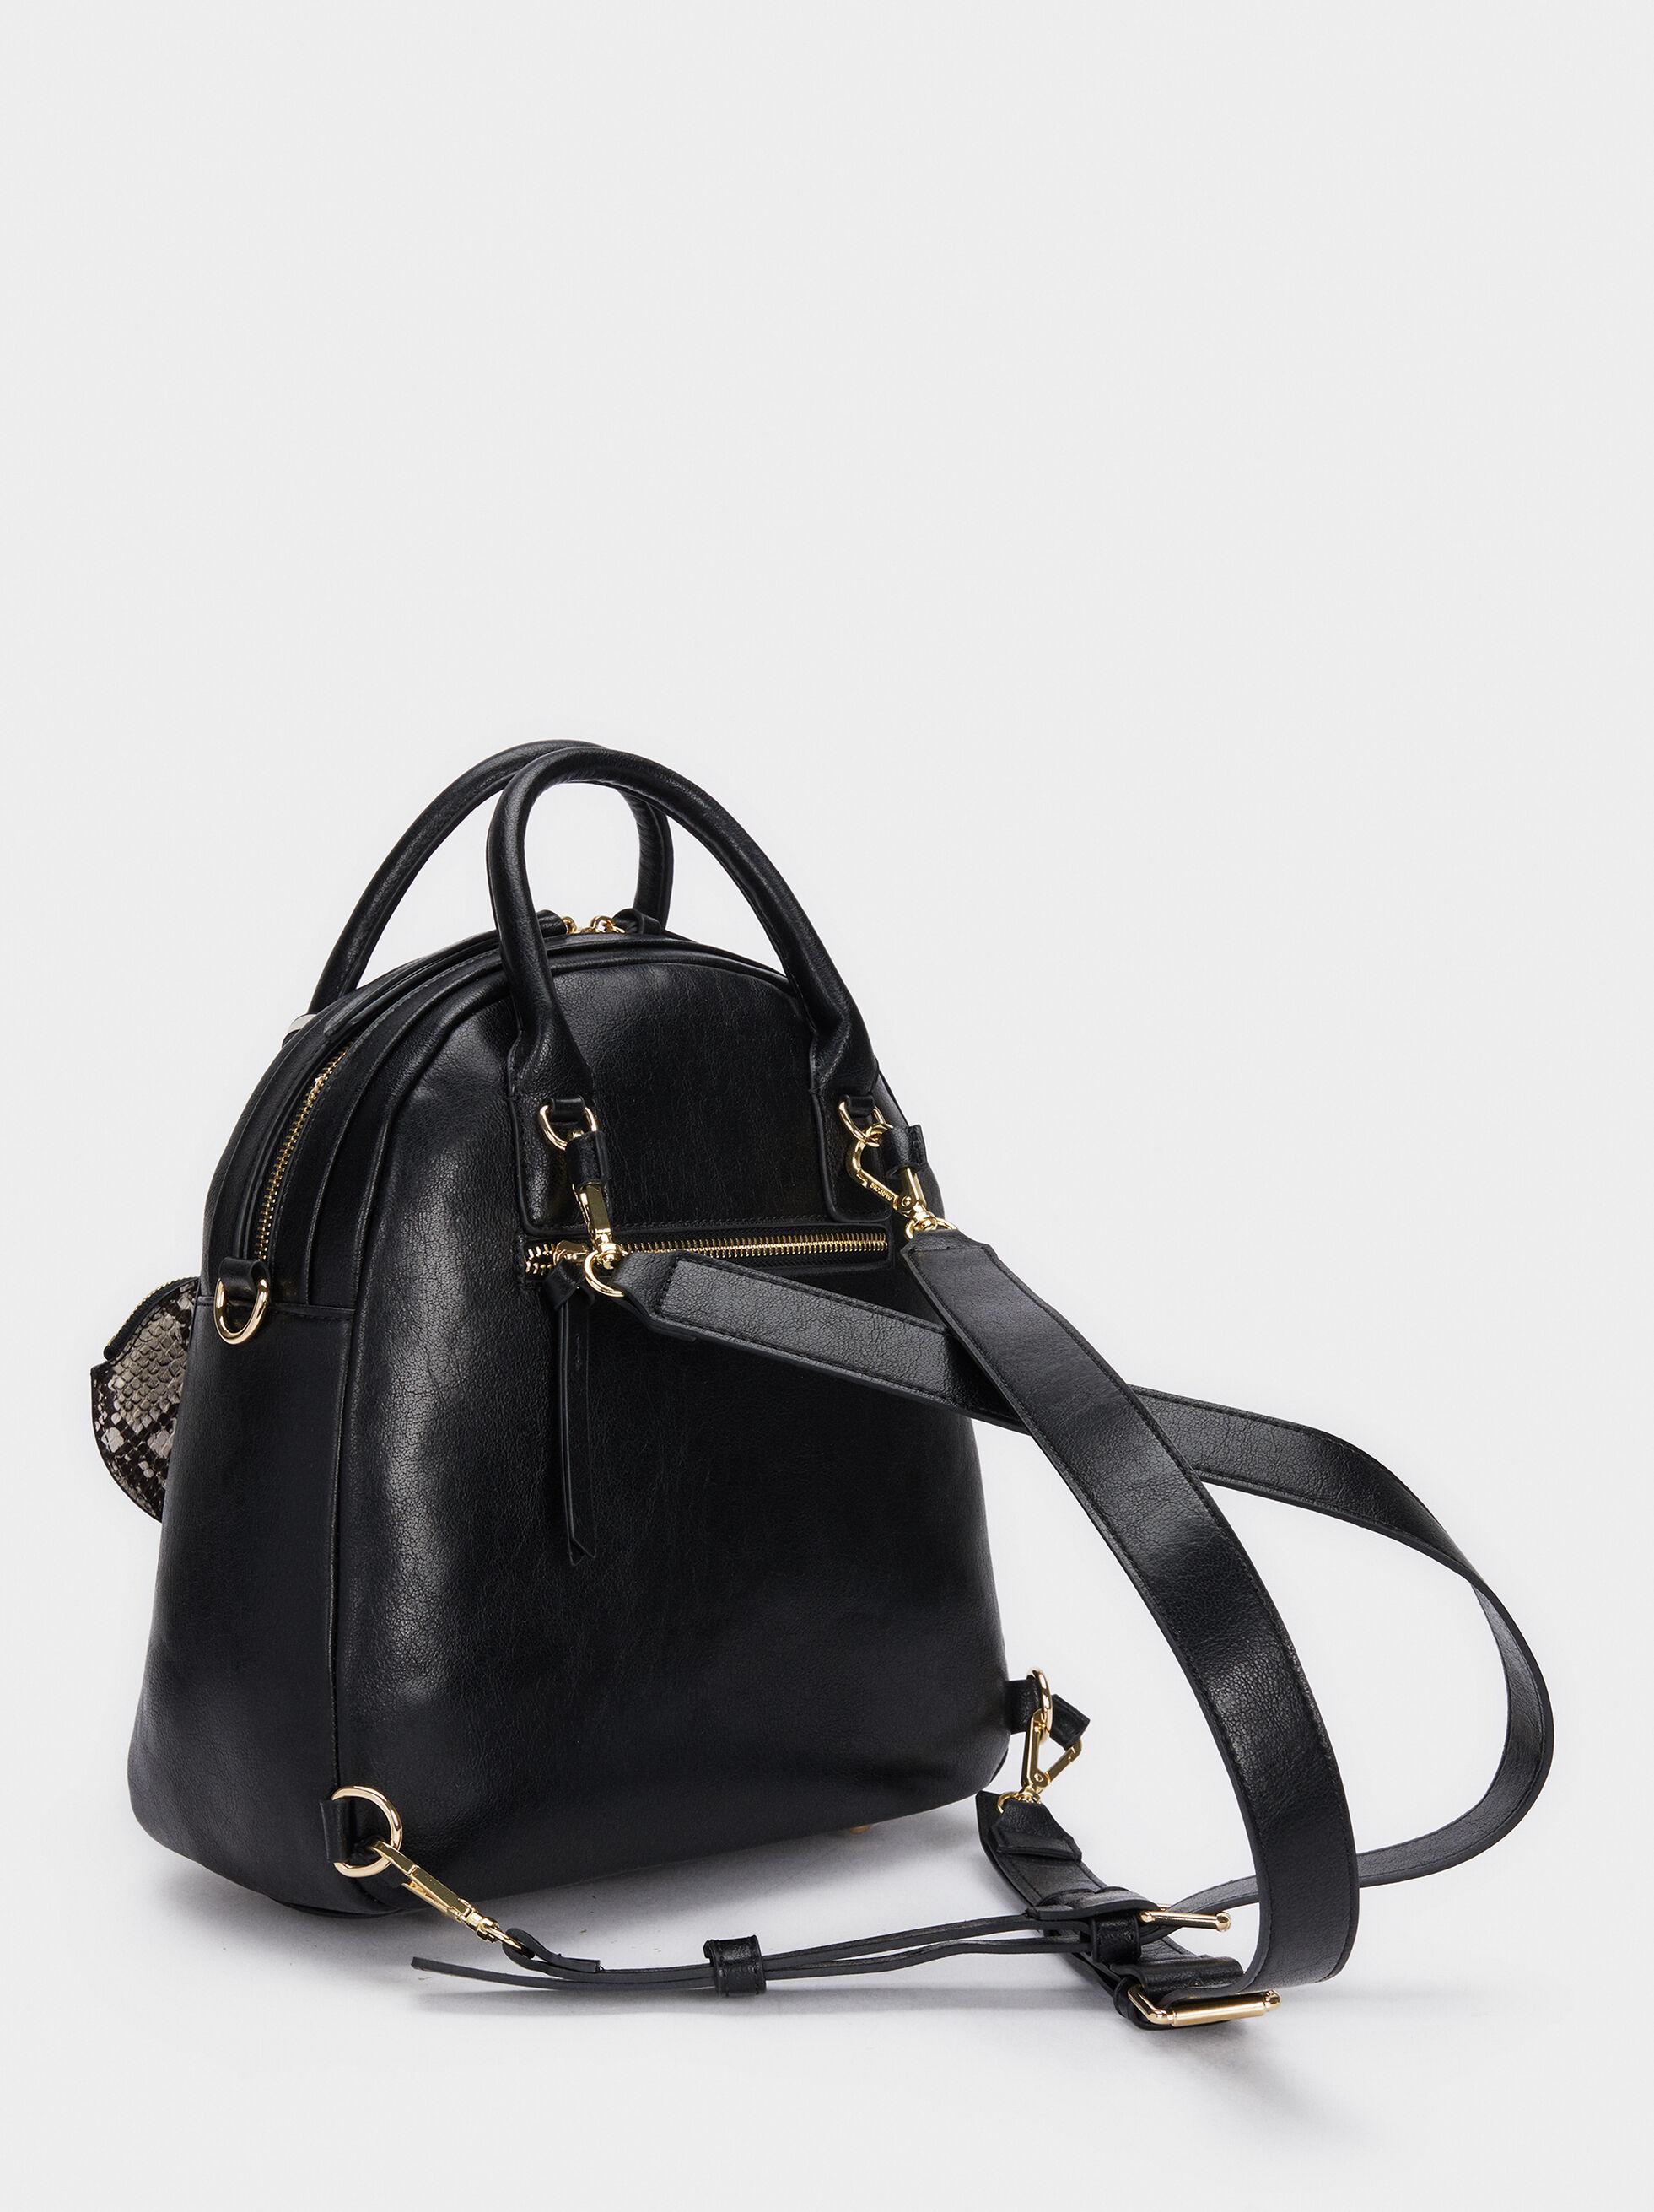 Backpack With Exterior Pocket, Black, hi-res